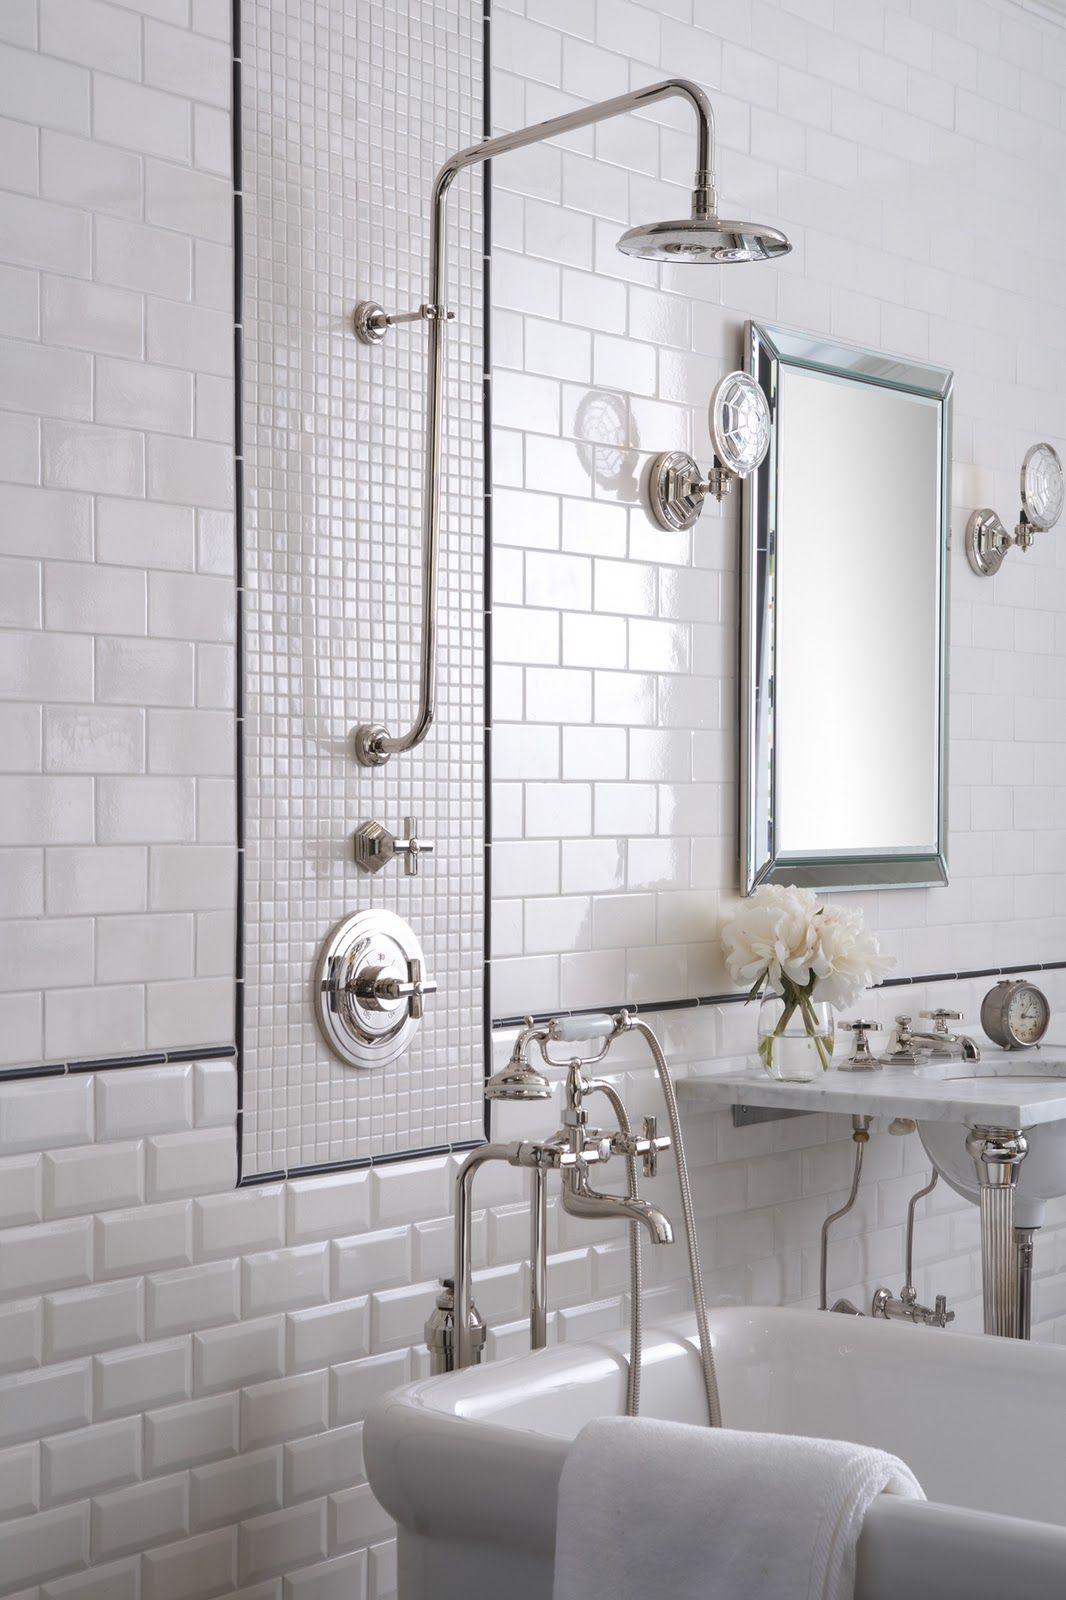 Vitt fasat kakel i badrummet | Pinterest | Metro tiles, Bathroom ...